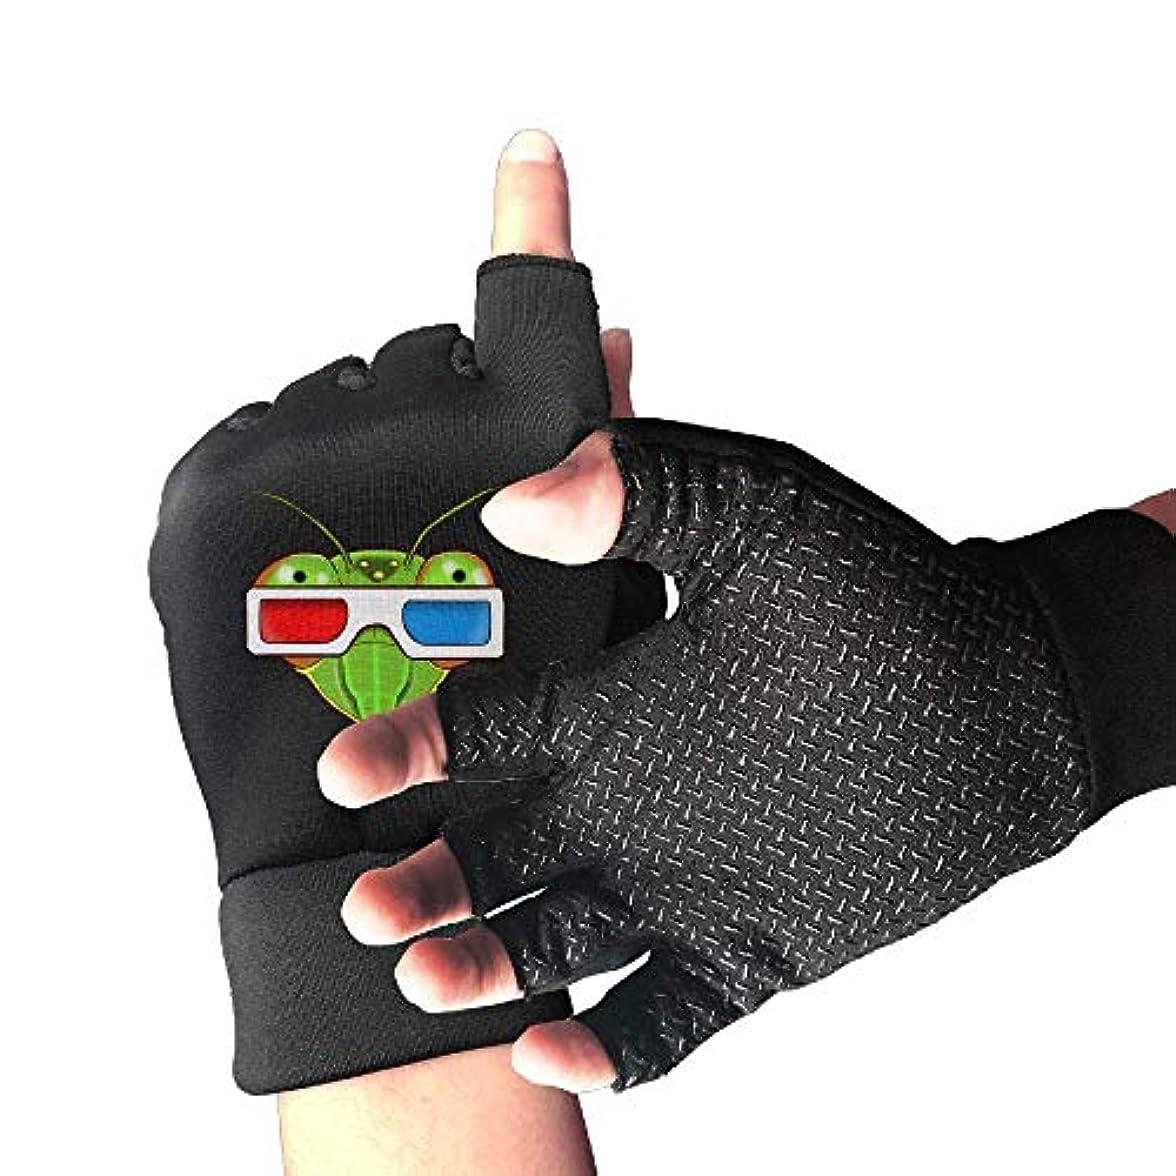 発音素晴らしいです仕事に行くCycling Gloves Cool Sunglasses Mantis Men's/Women's Mountain Bike Gloves Half Finger Anti-Slip Motorcycle Gloves